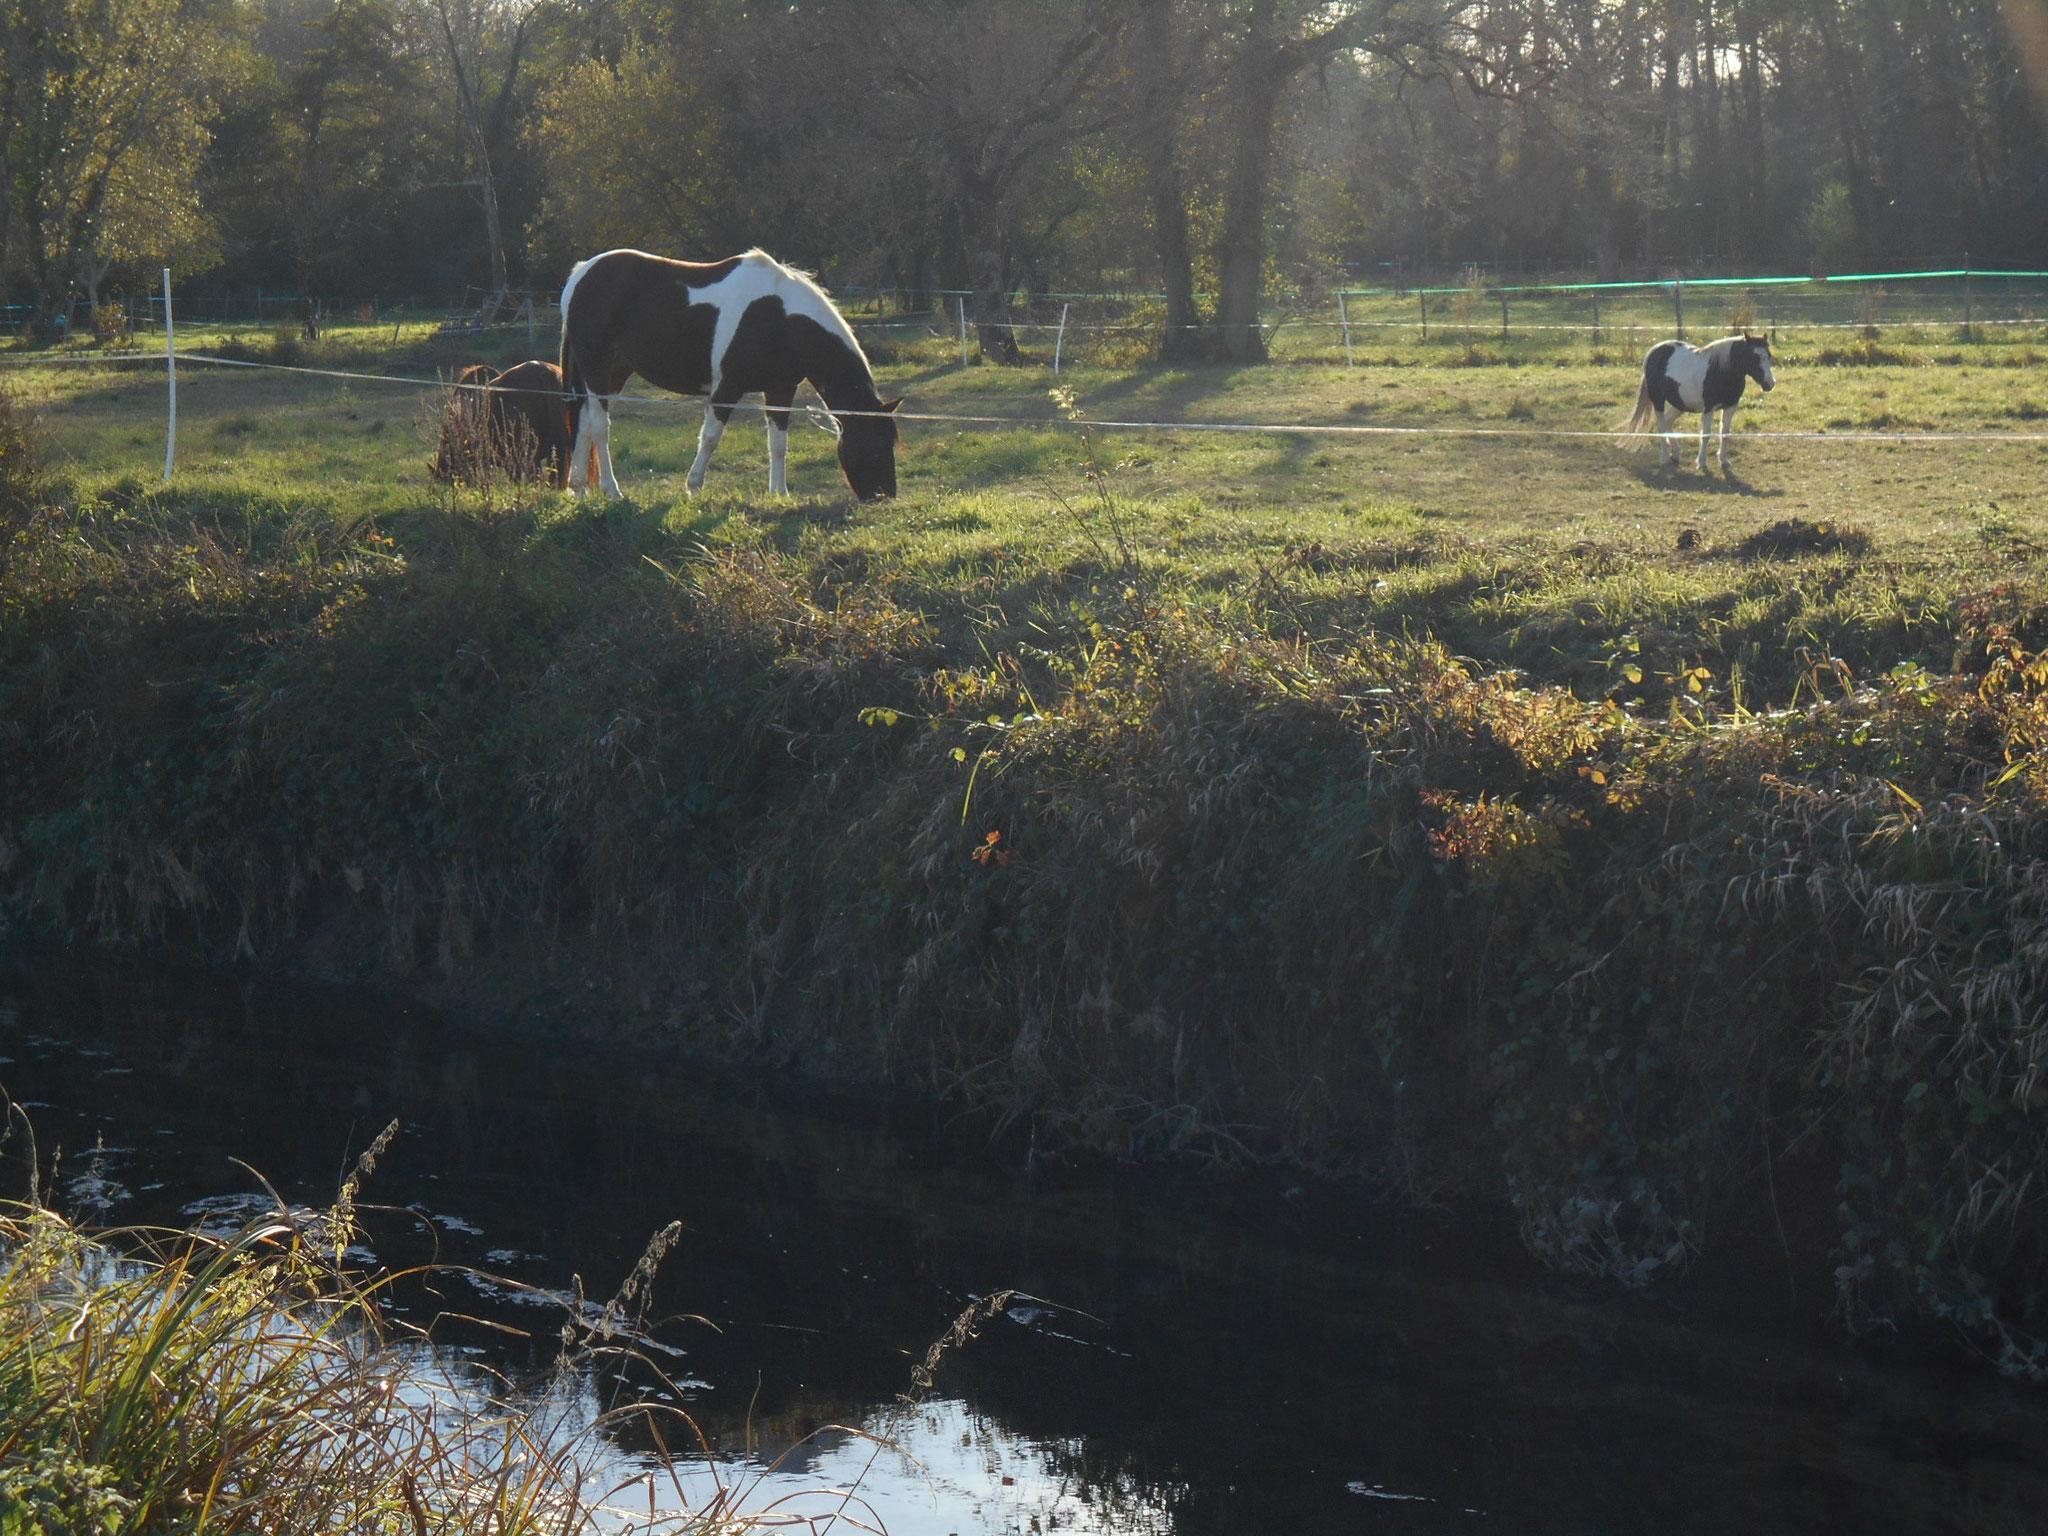 Les chevaux font partie intégrante du bocage humide d'Isle-Saint Georges.